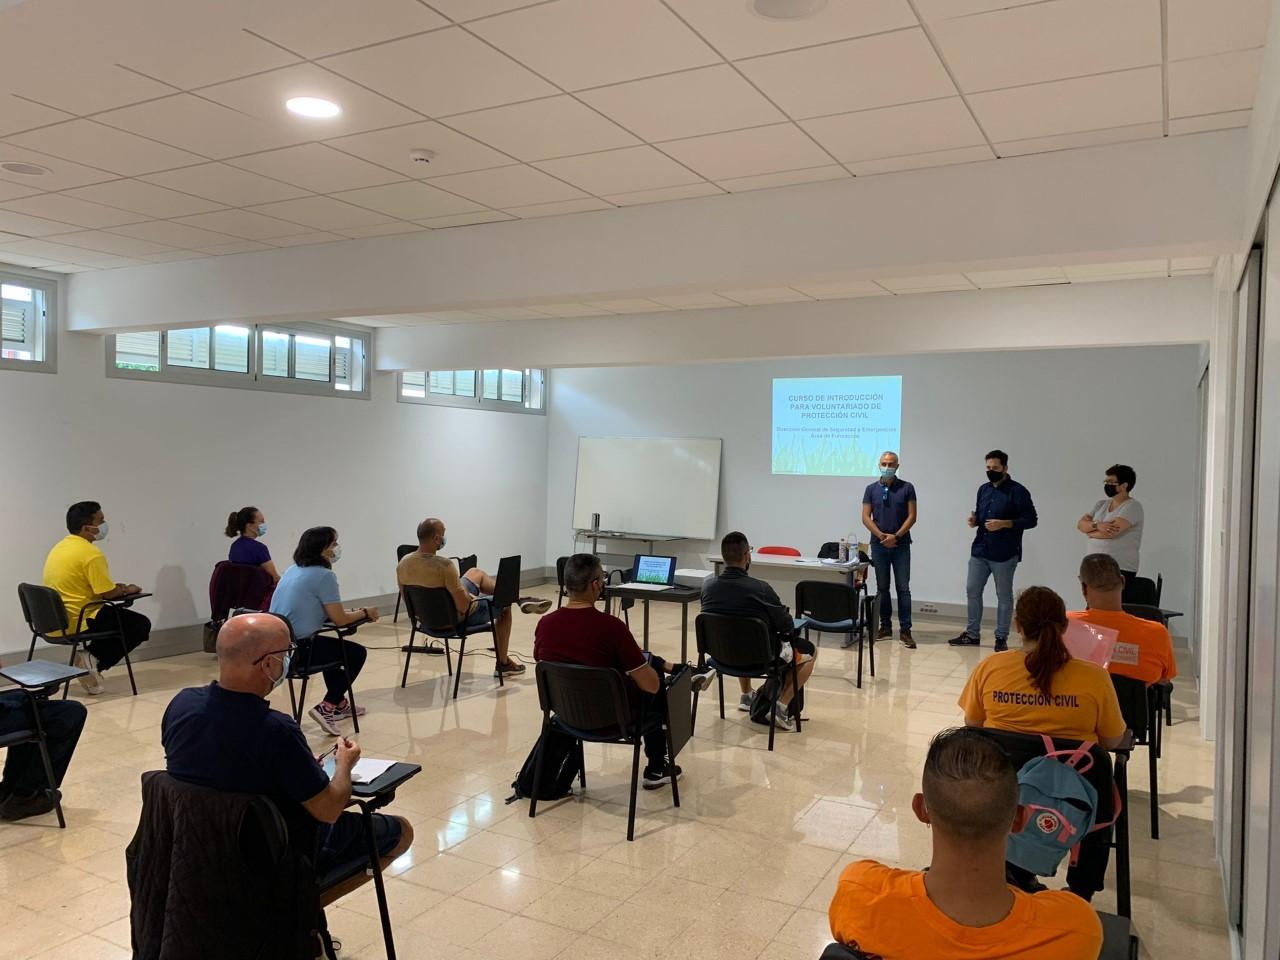 Protección Civil. Las palmas de Gran Canaria/ canariasnoticias